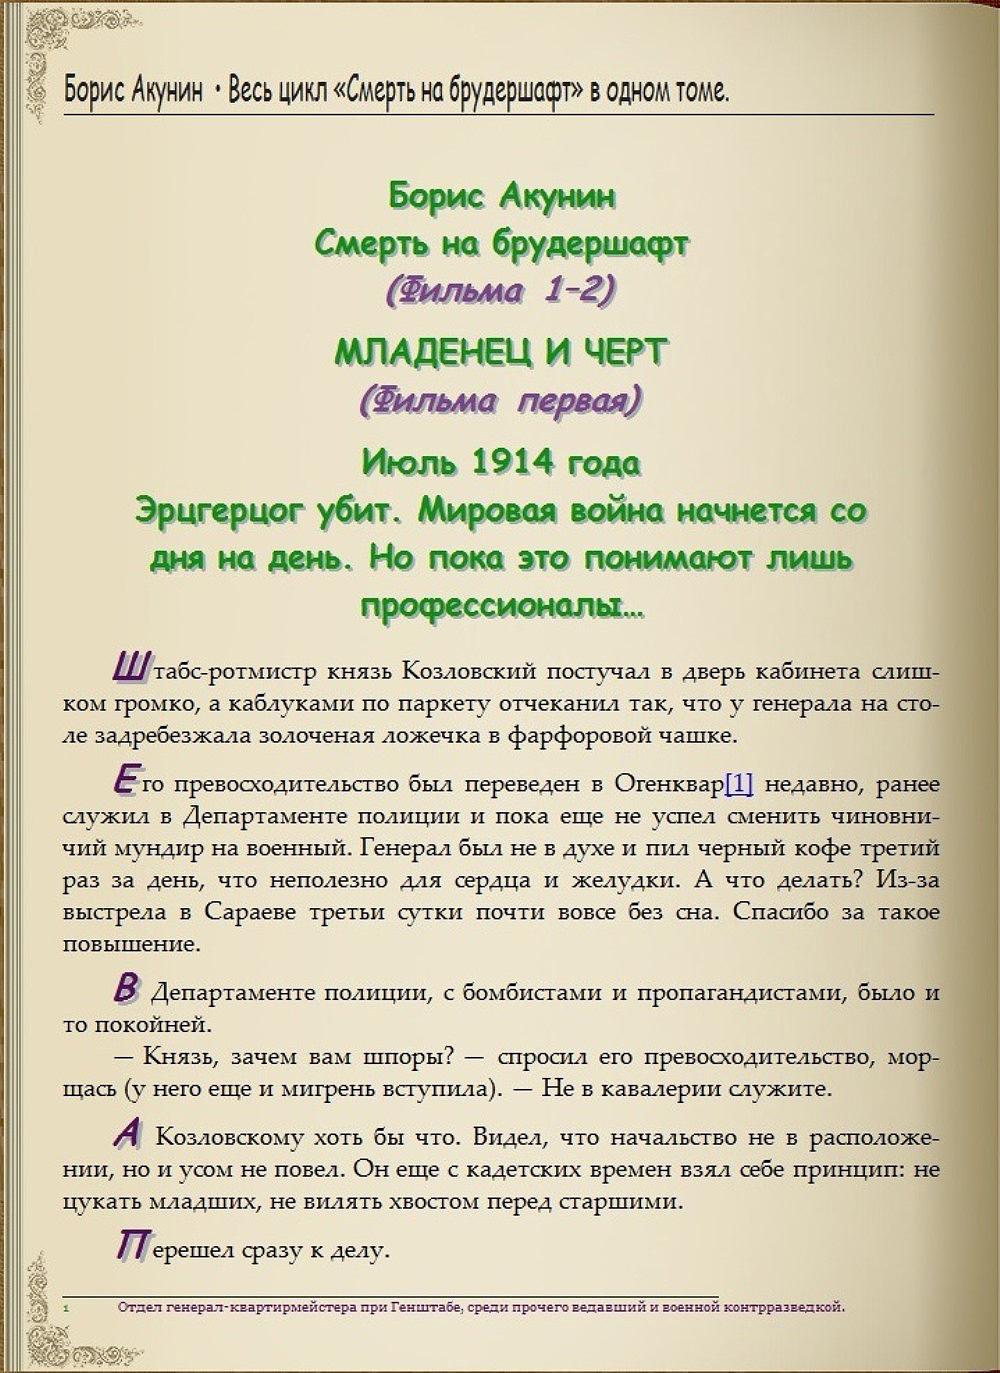 http://i6.imageban.ru/out/2013/12/23/84d77f0aac8198760ffca86a1945e493.jpg